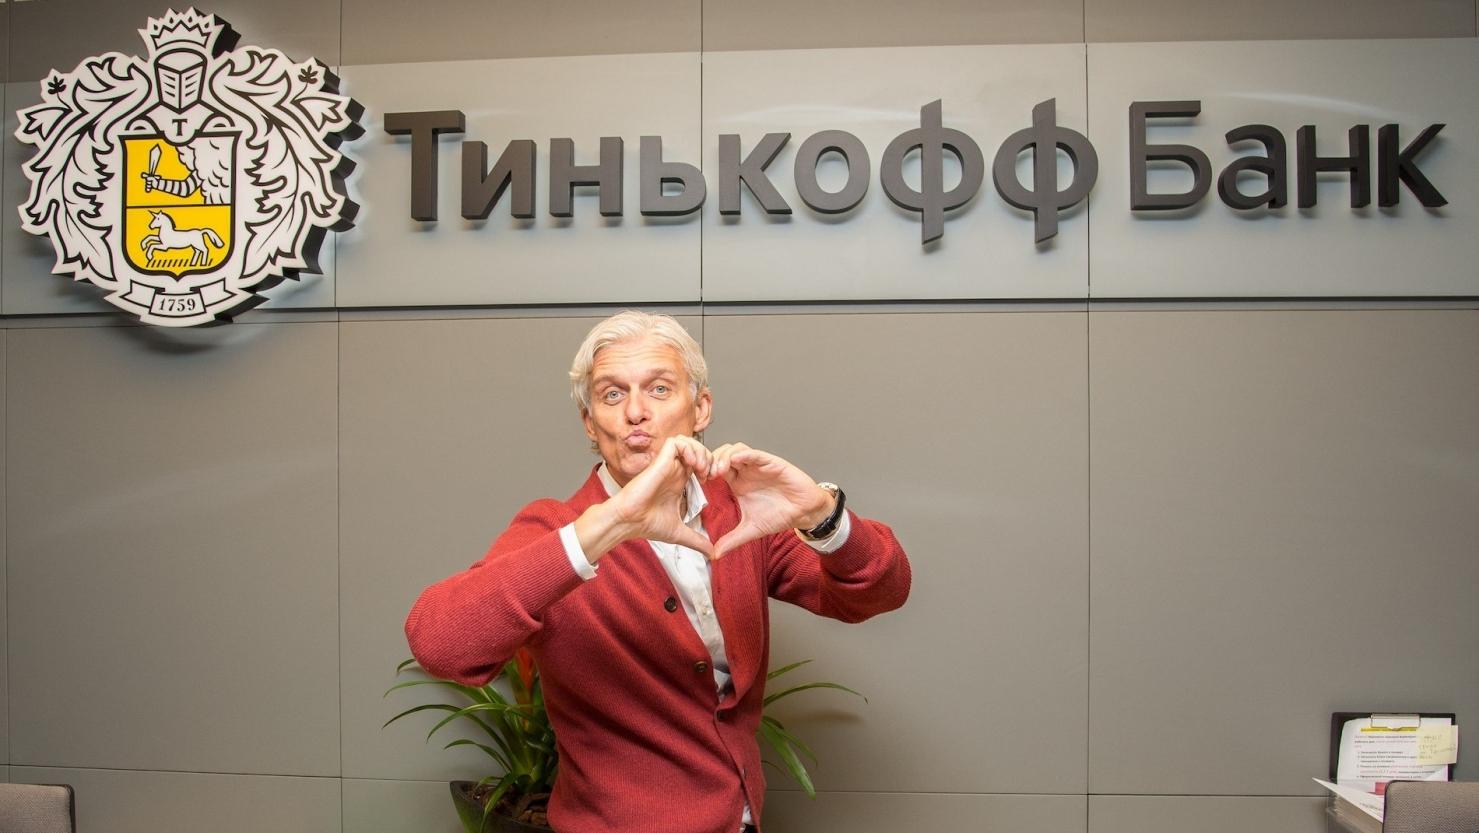 Тинькофф банк восстановил работу сервиса позачислению средств